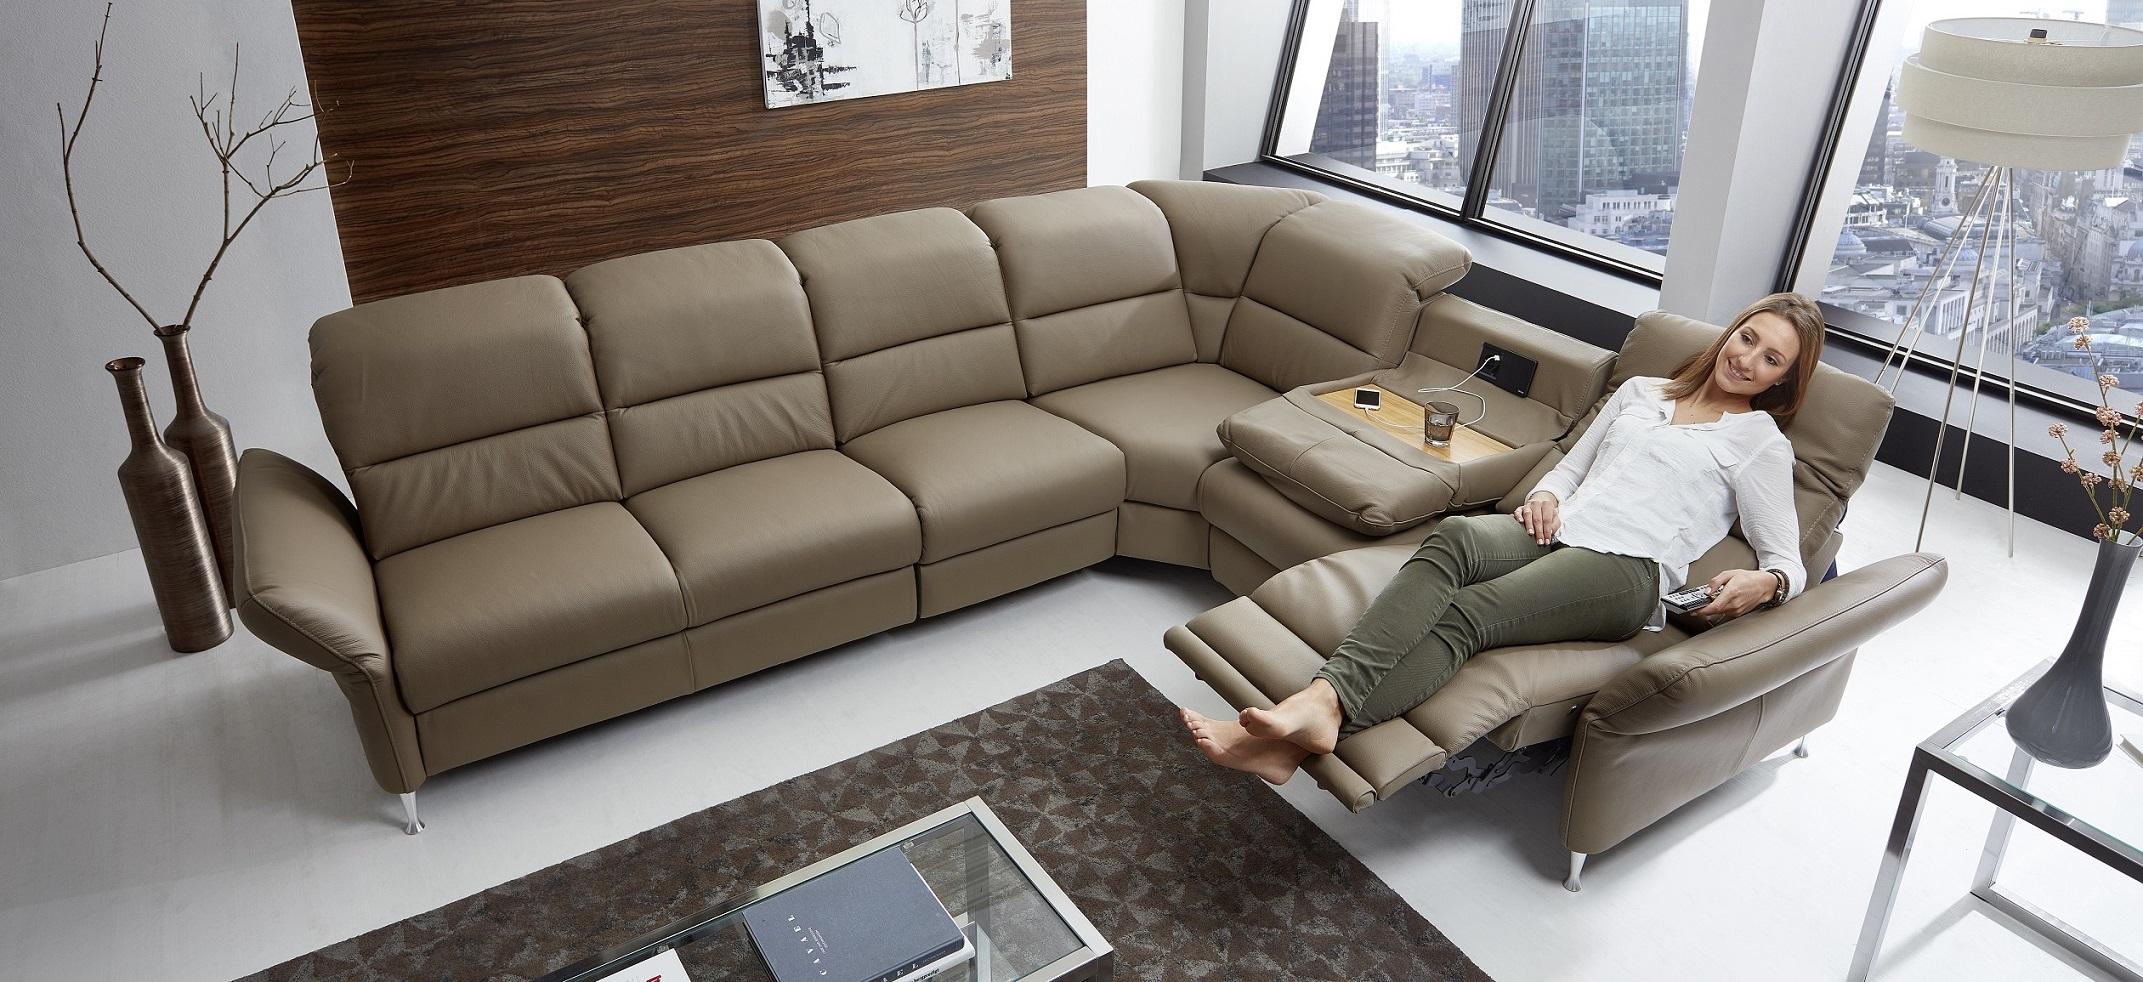 polsterscout sofa marken immer g nstiger. Black Bedroom Furniture Sets. Home Design Ideas